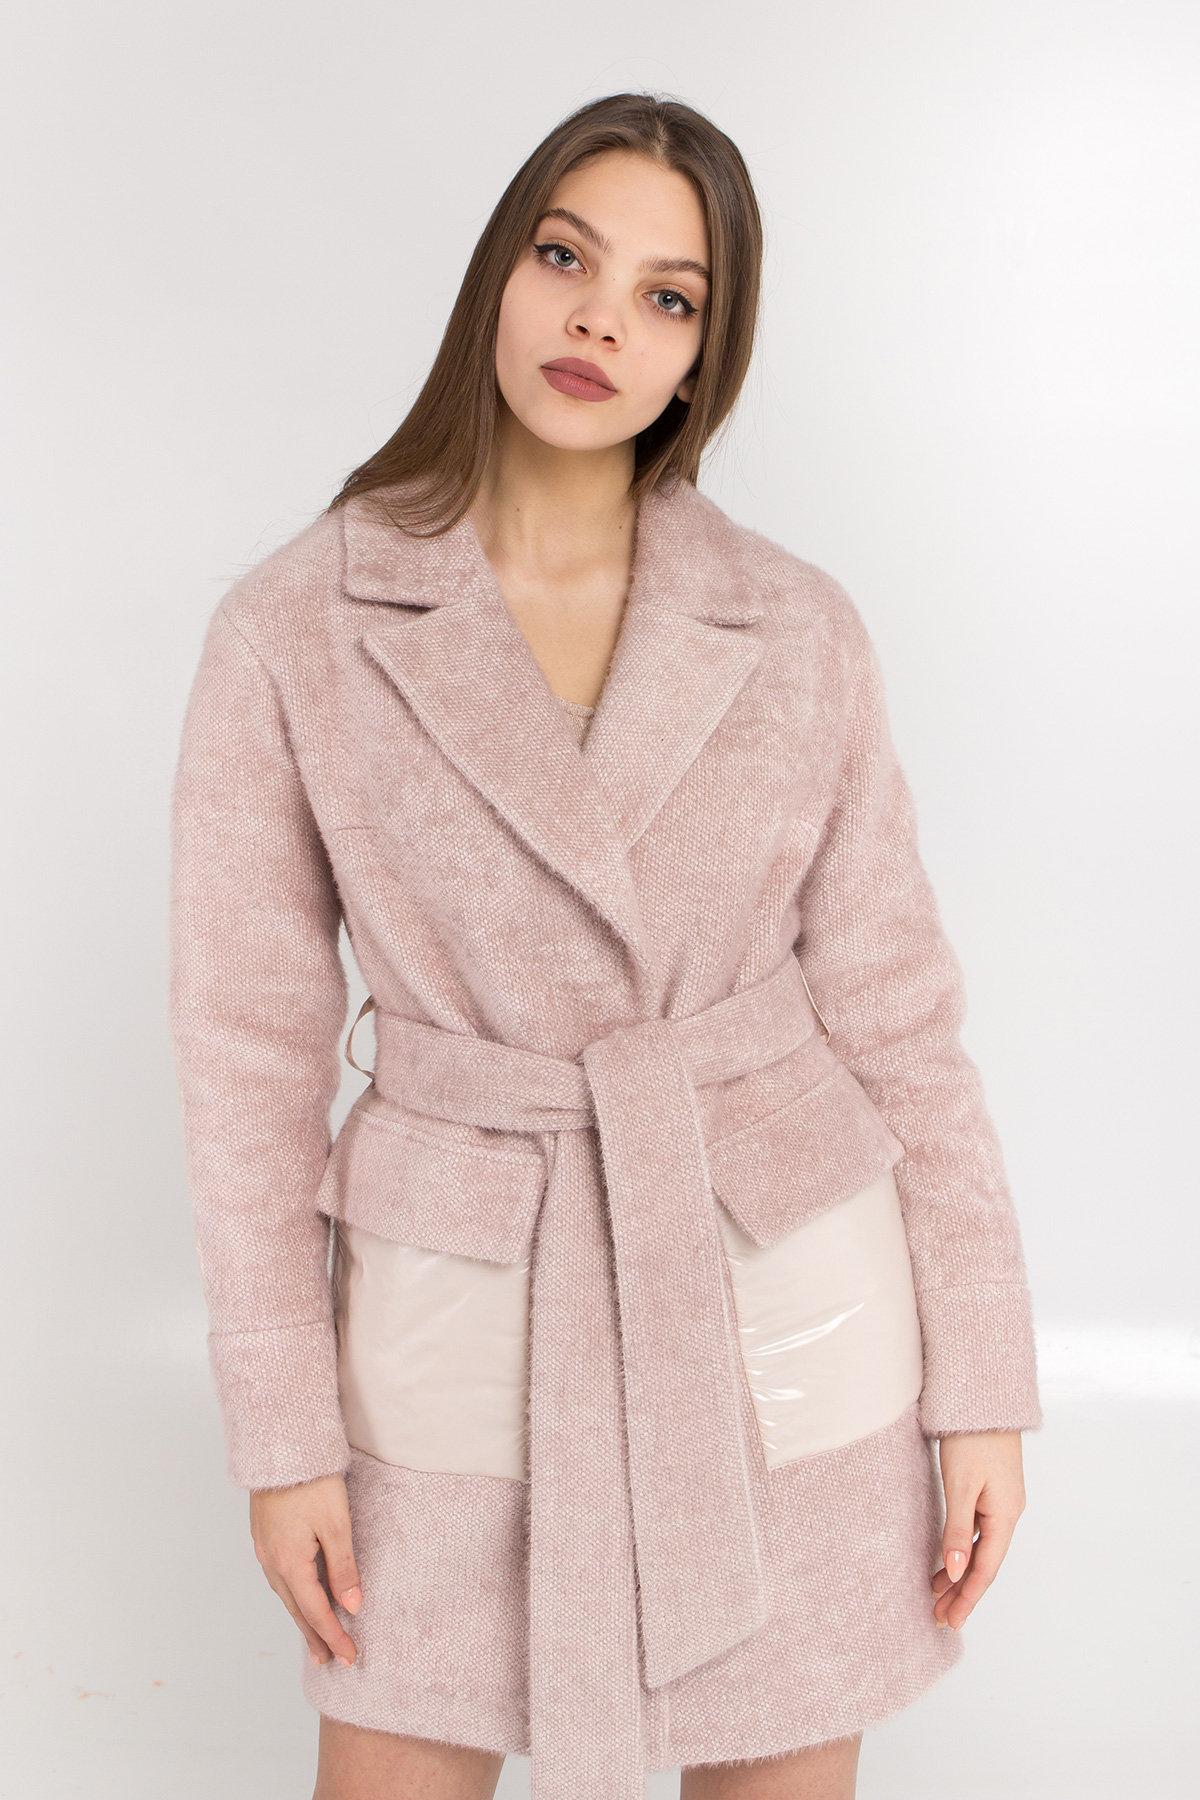 Комбинированное пальто Монклер 8884 АРТ. 45205 Цвет: Пудра/молоко - фото 5, интернет магазин tm-modus.ru